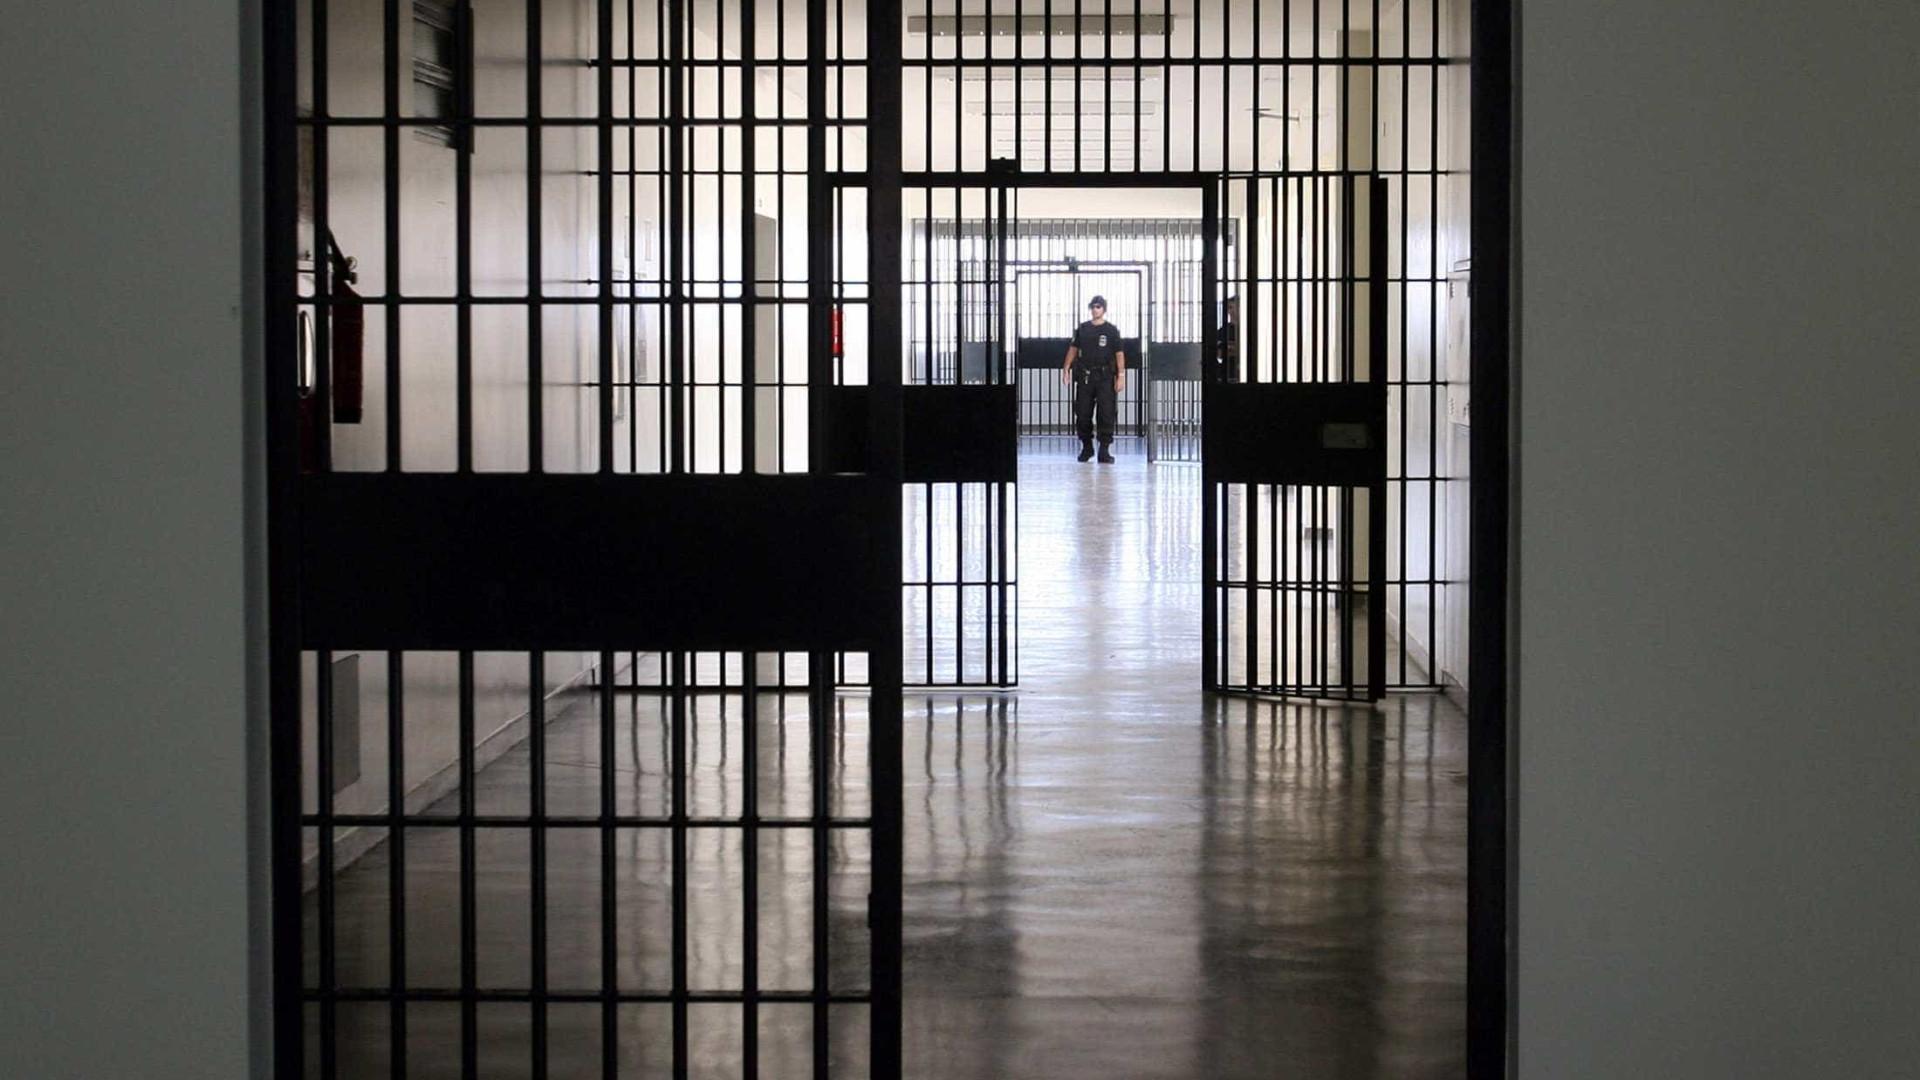 Projeto que restringe saída temporária de presos avança no Congresso